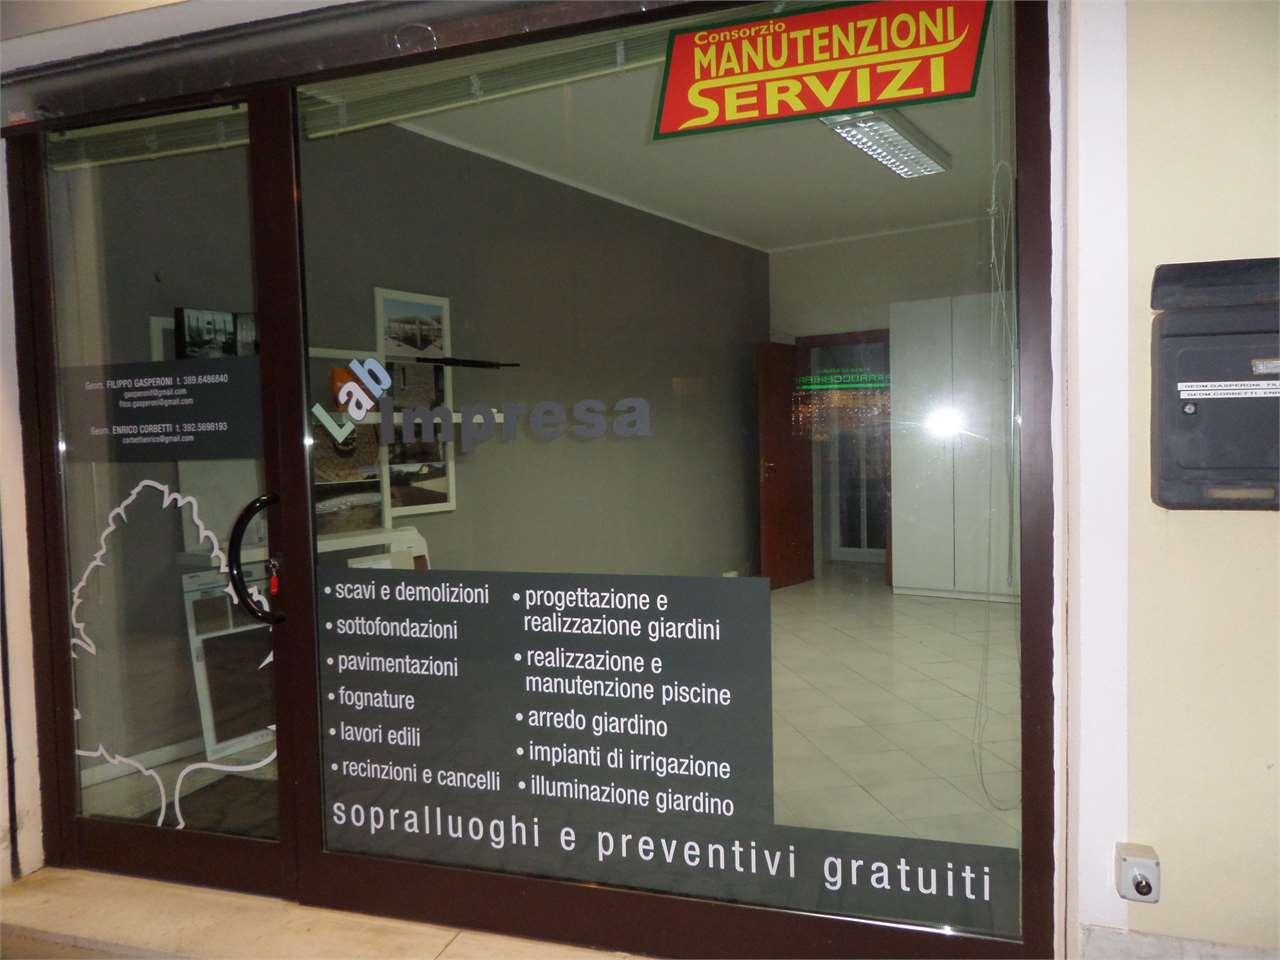 Ufficio / Studio in vendita a Ravenna, 1 locali, zona Zona: Nullo Baldini, prezzo € 72.000 | CambioCasa.it